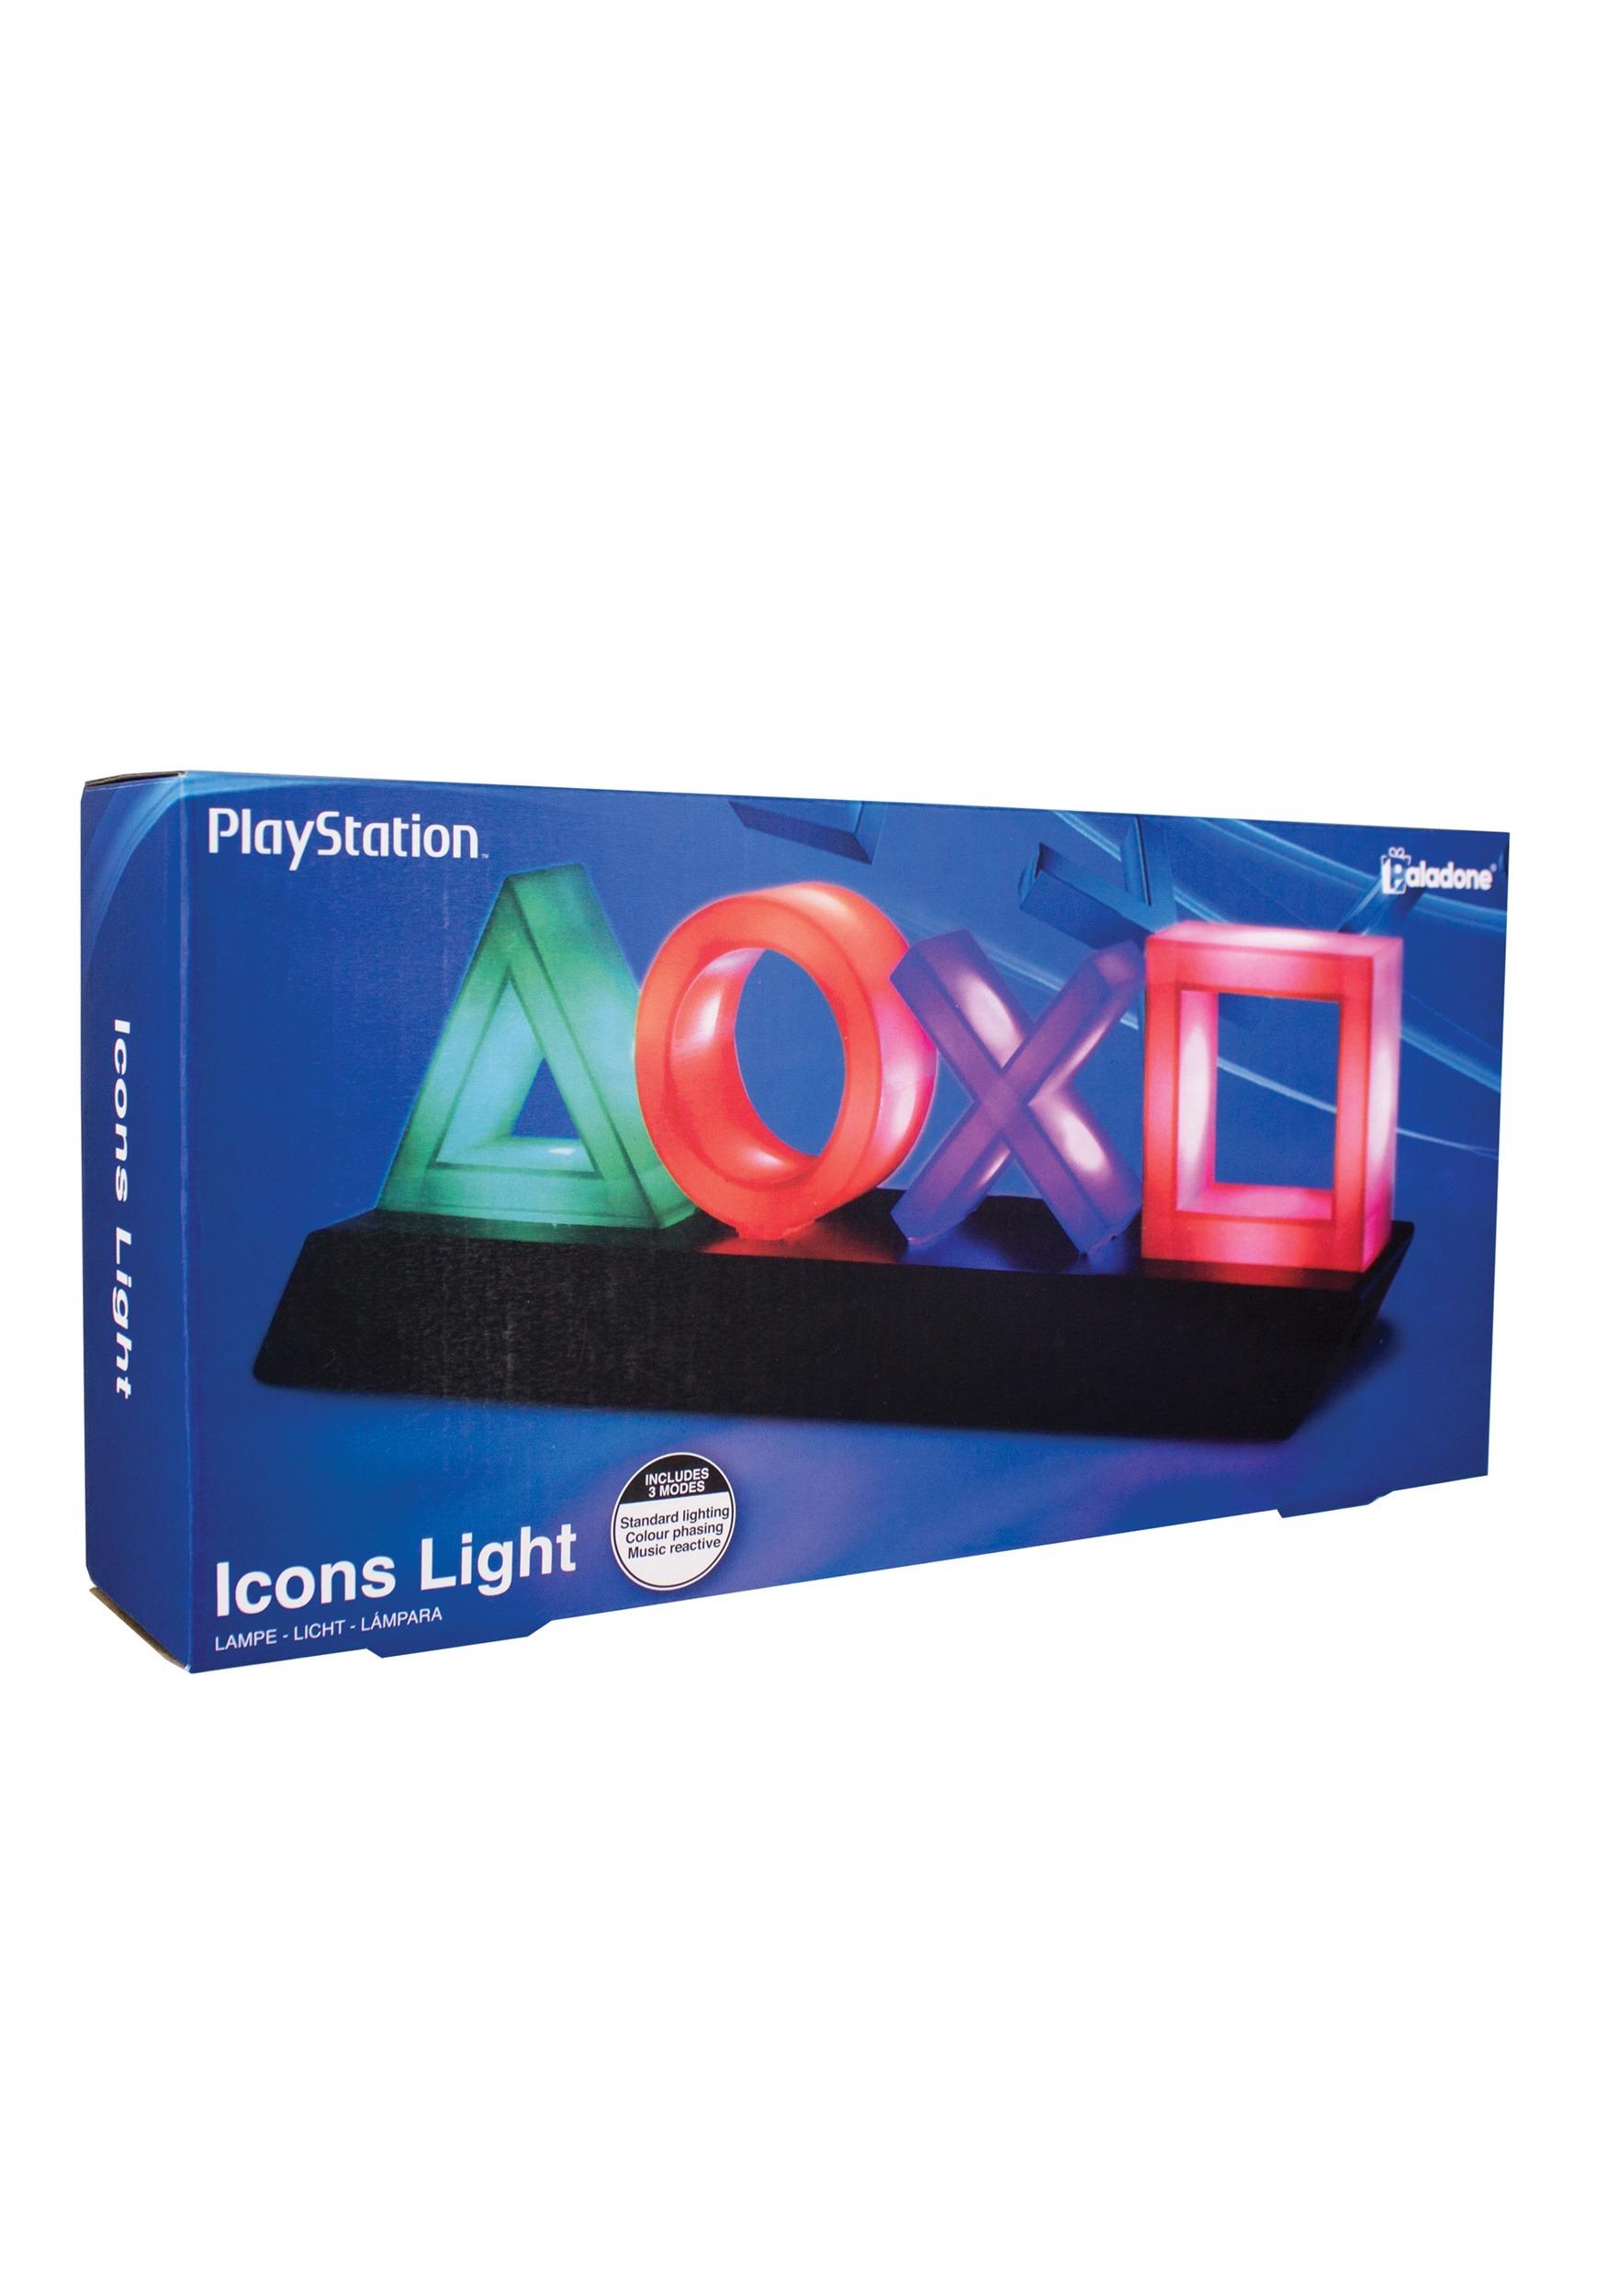 playstation icons light - für ps2 wired controller gamepad manette für playstation 2 controle mando joystick für playstation 2 konsole zubehör